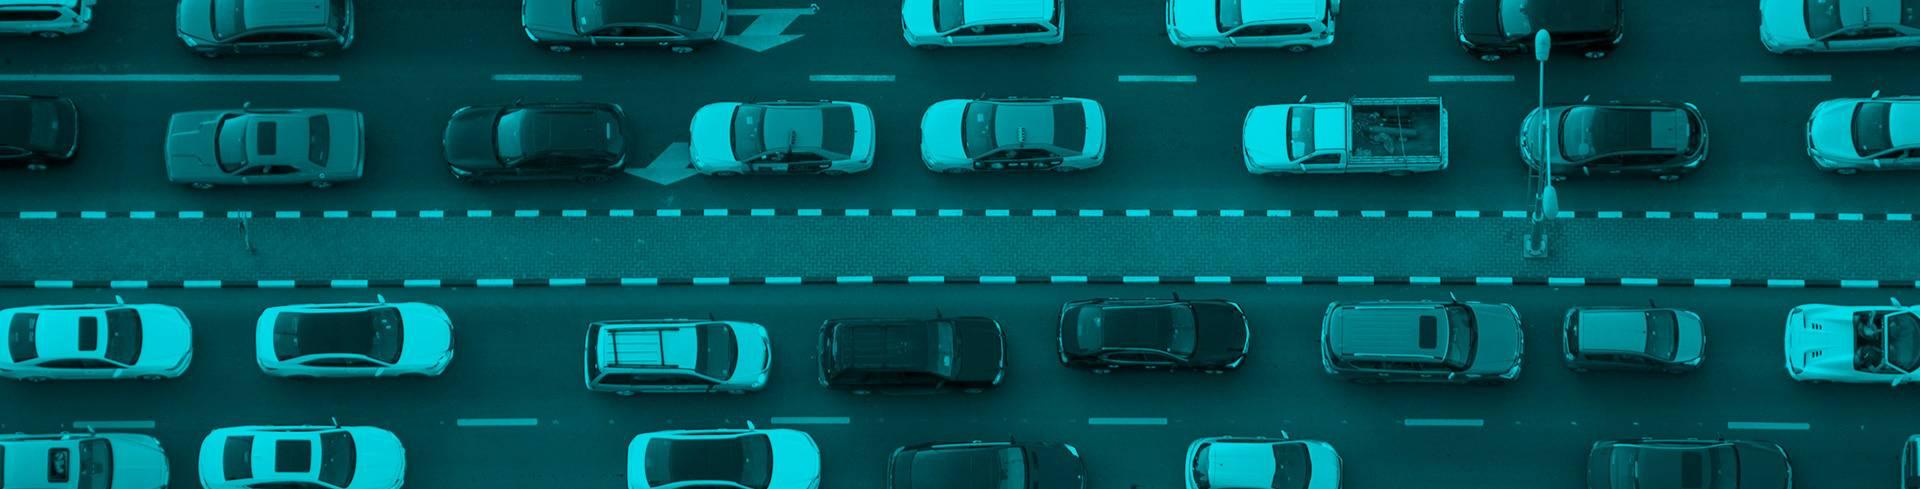 Curso microsimulación de tráfico con PTV-VISSIM